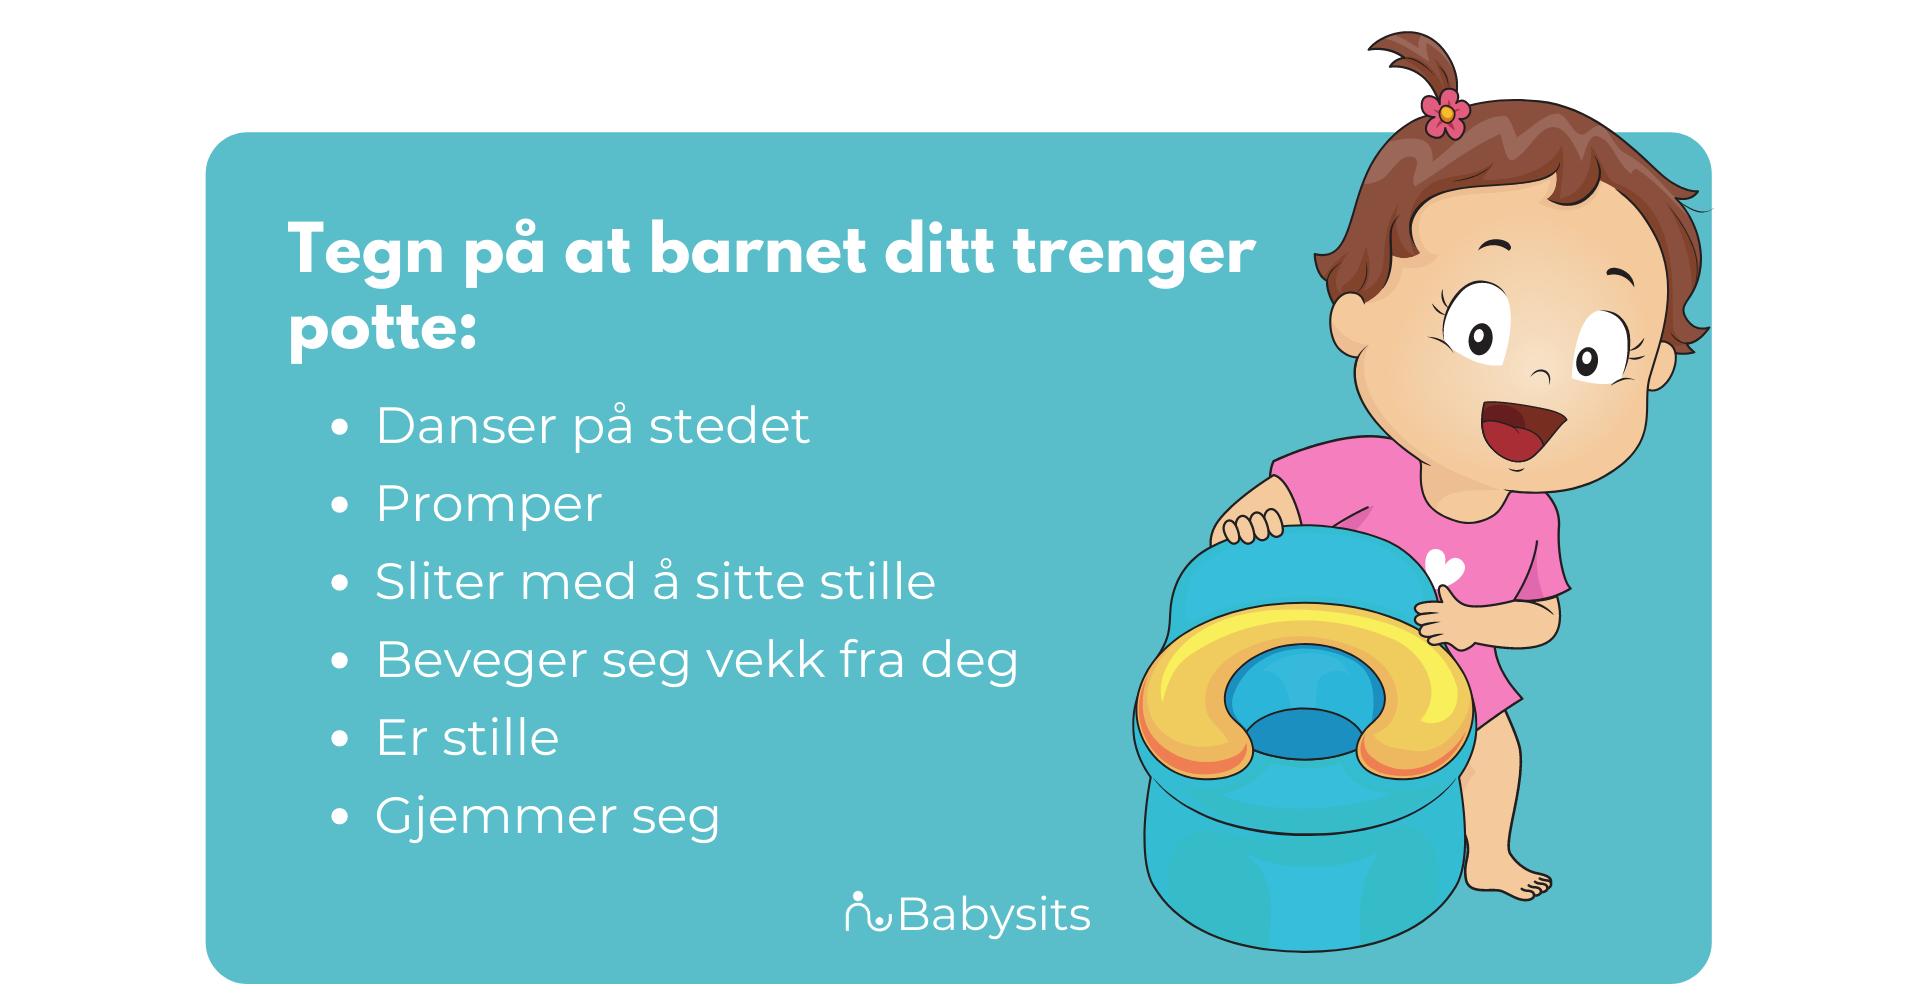 tegn på at barnet ditt må lære å trene potte